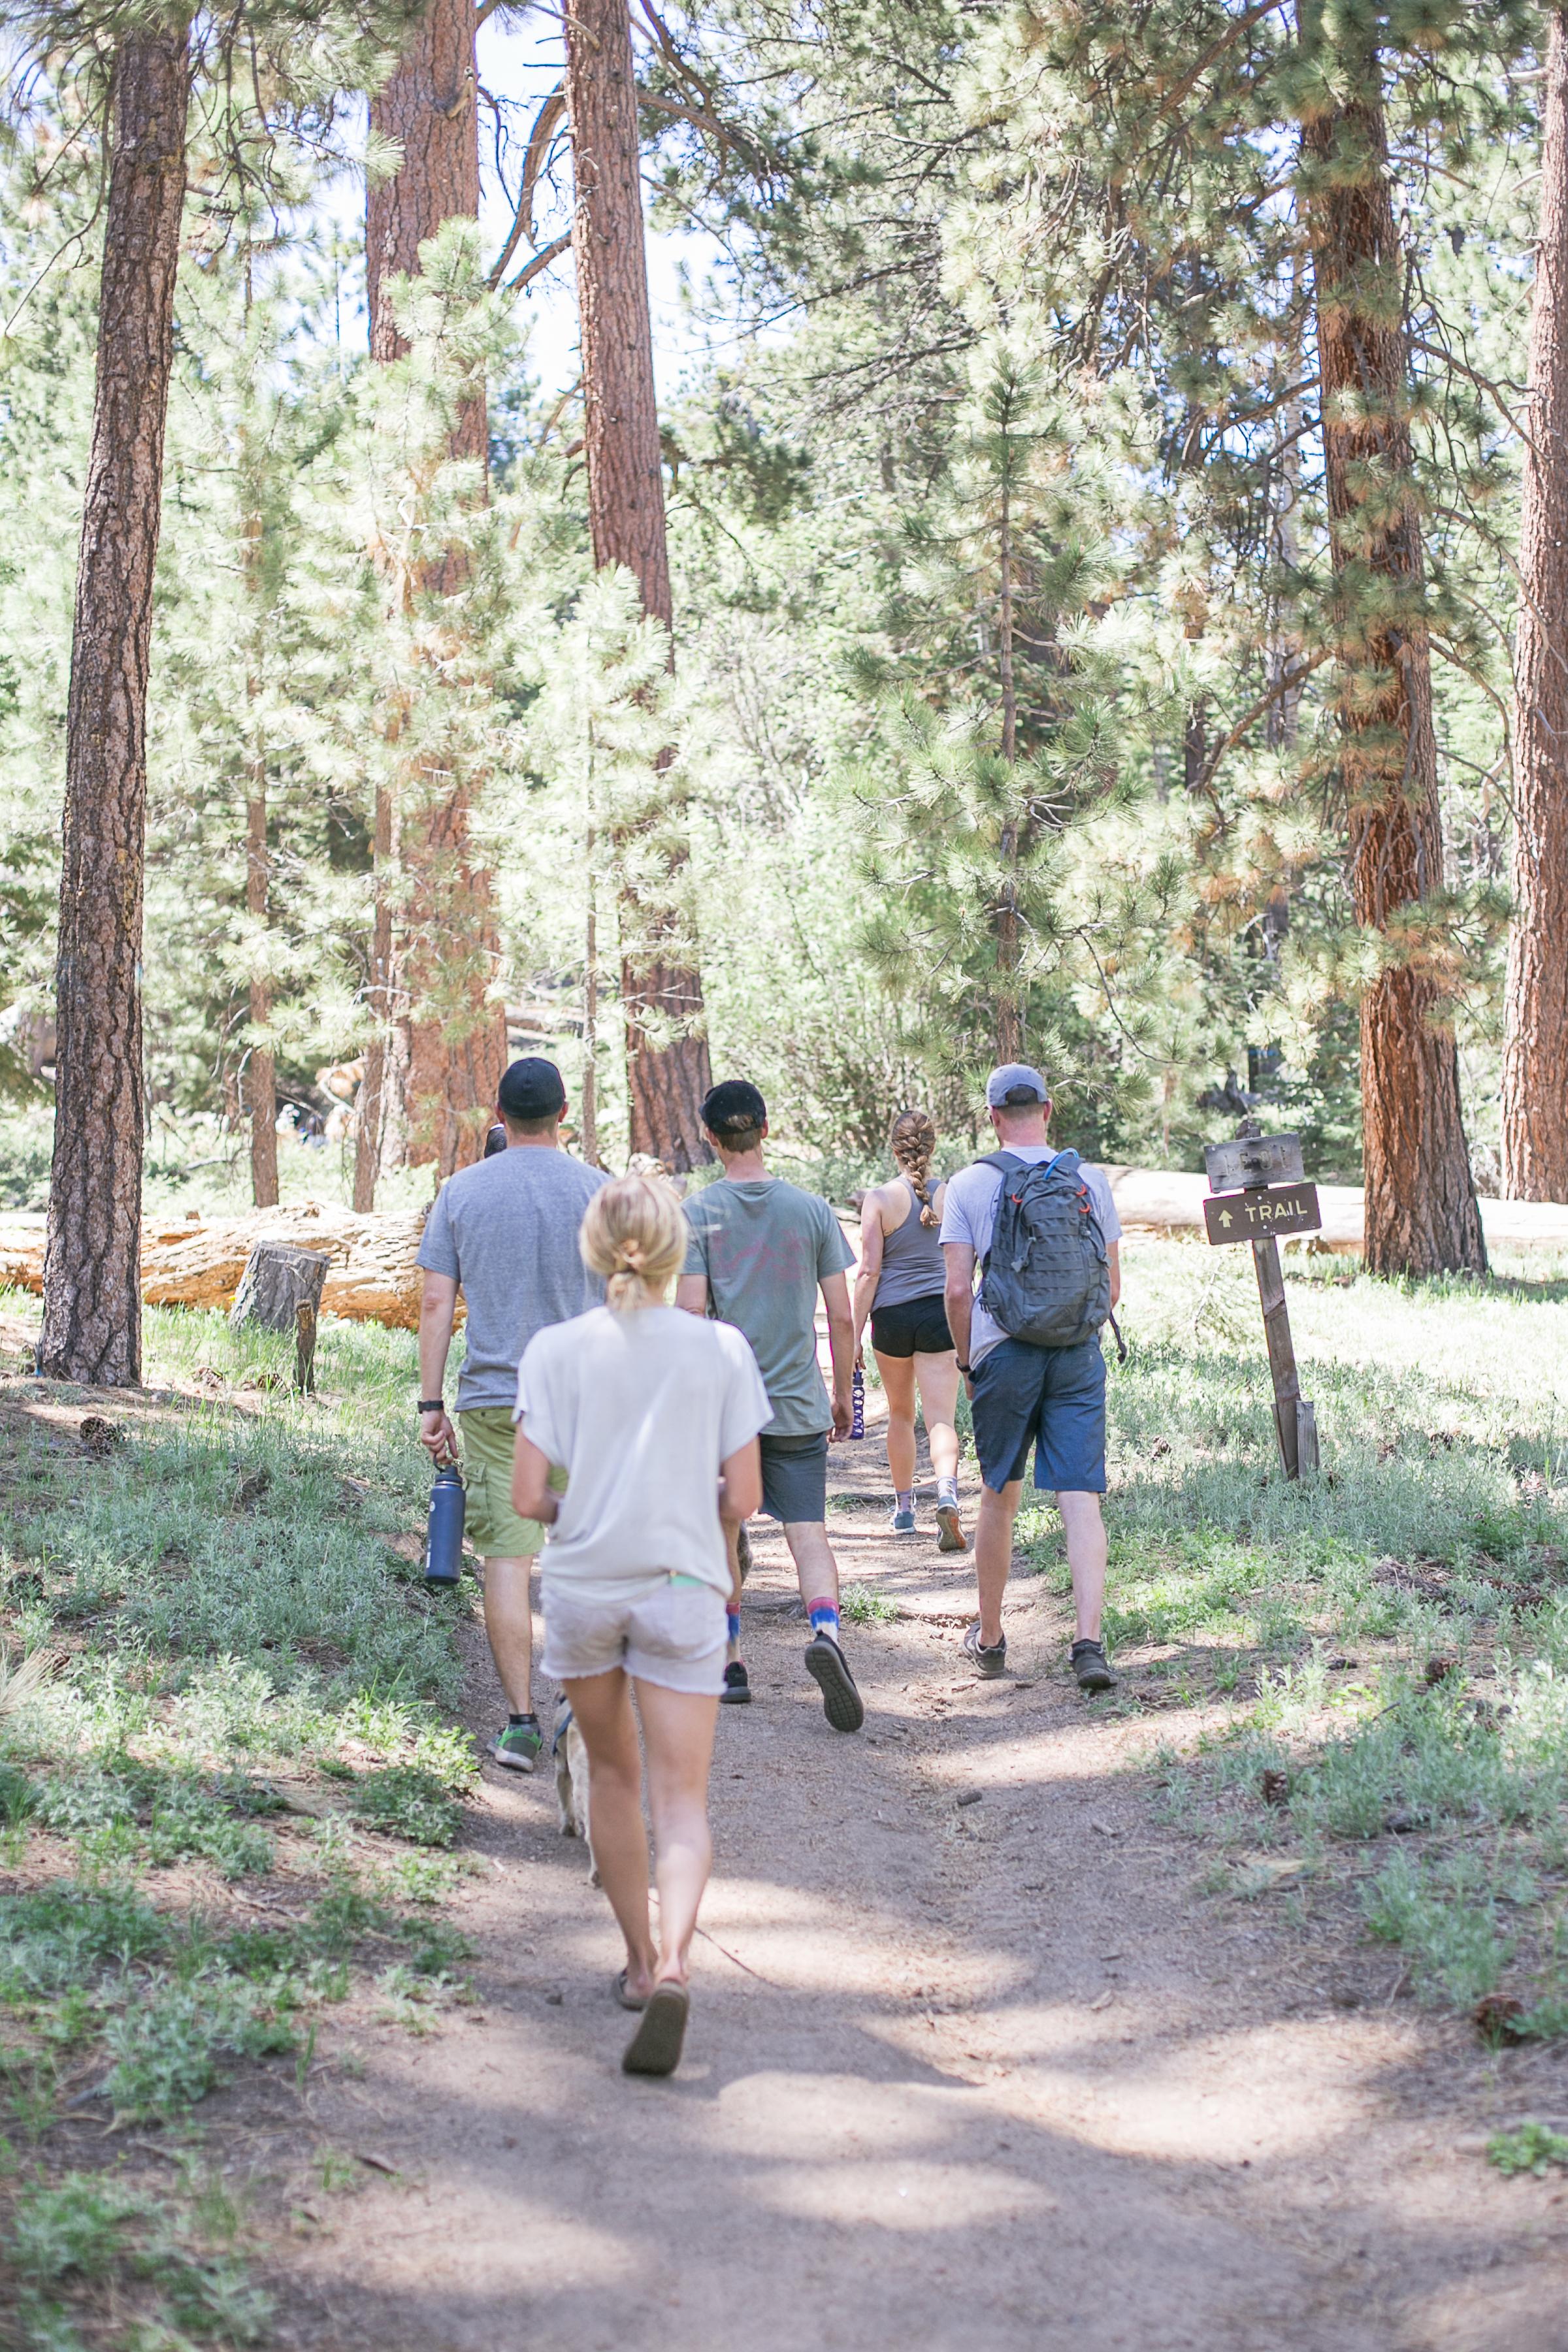 Big Bear_Lake_Camping_Trip_2017-1.jpg